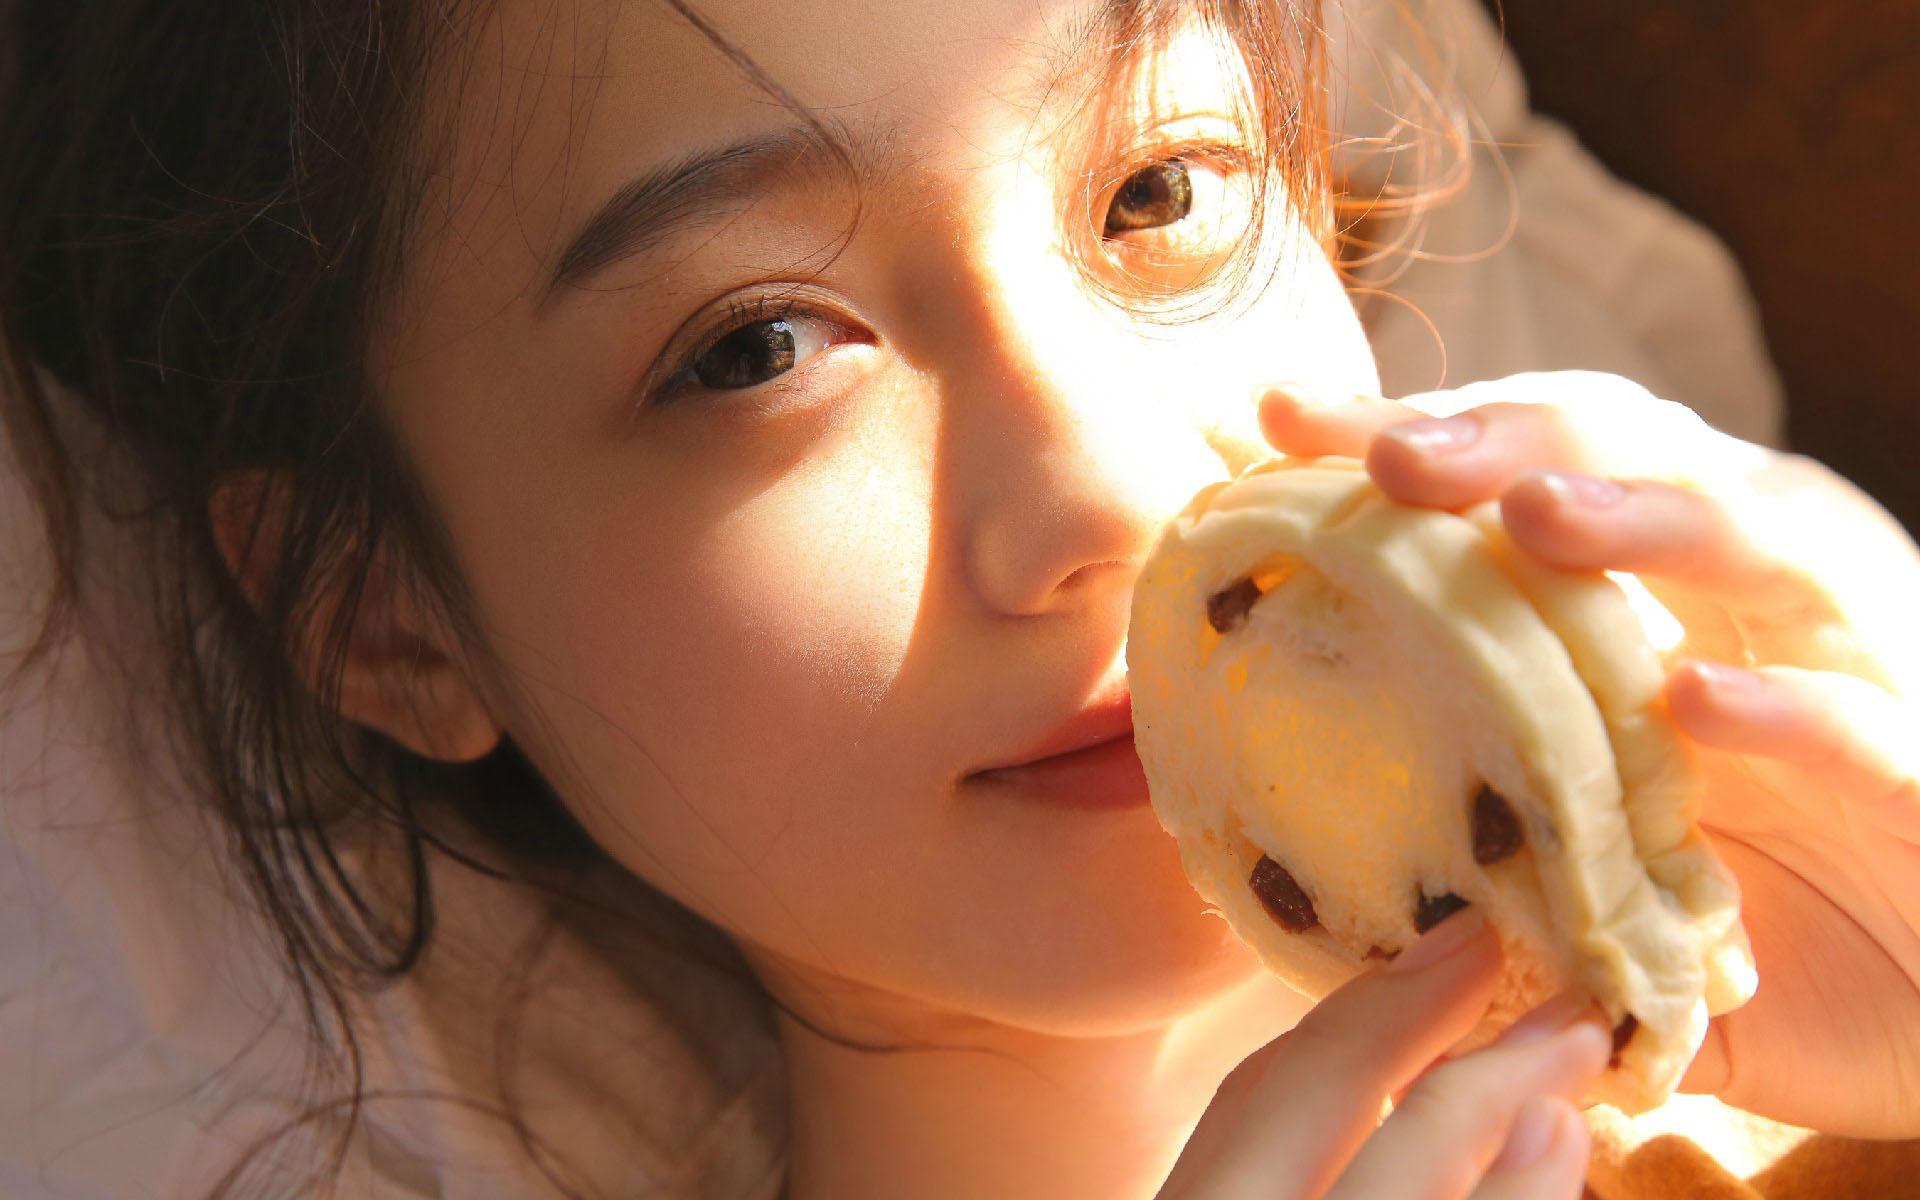 微风飞过蔷薇小说全章节免费在线阅读 微风飞过蔷薇免费阅读